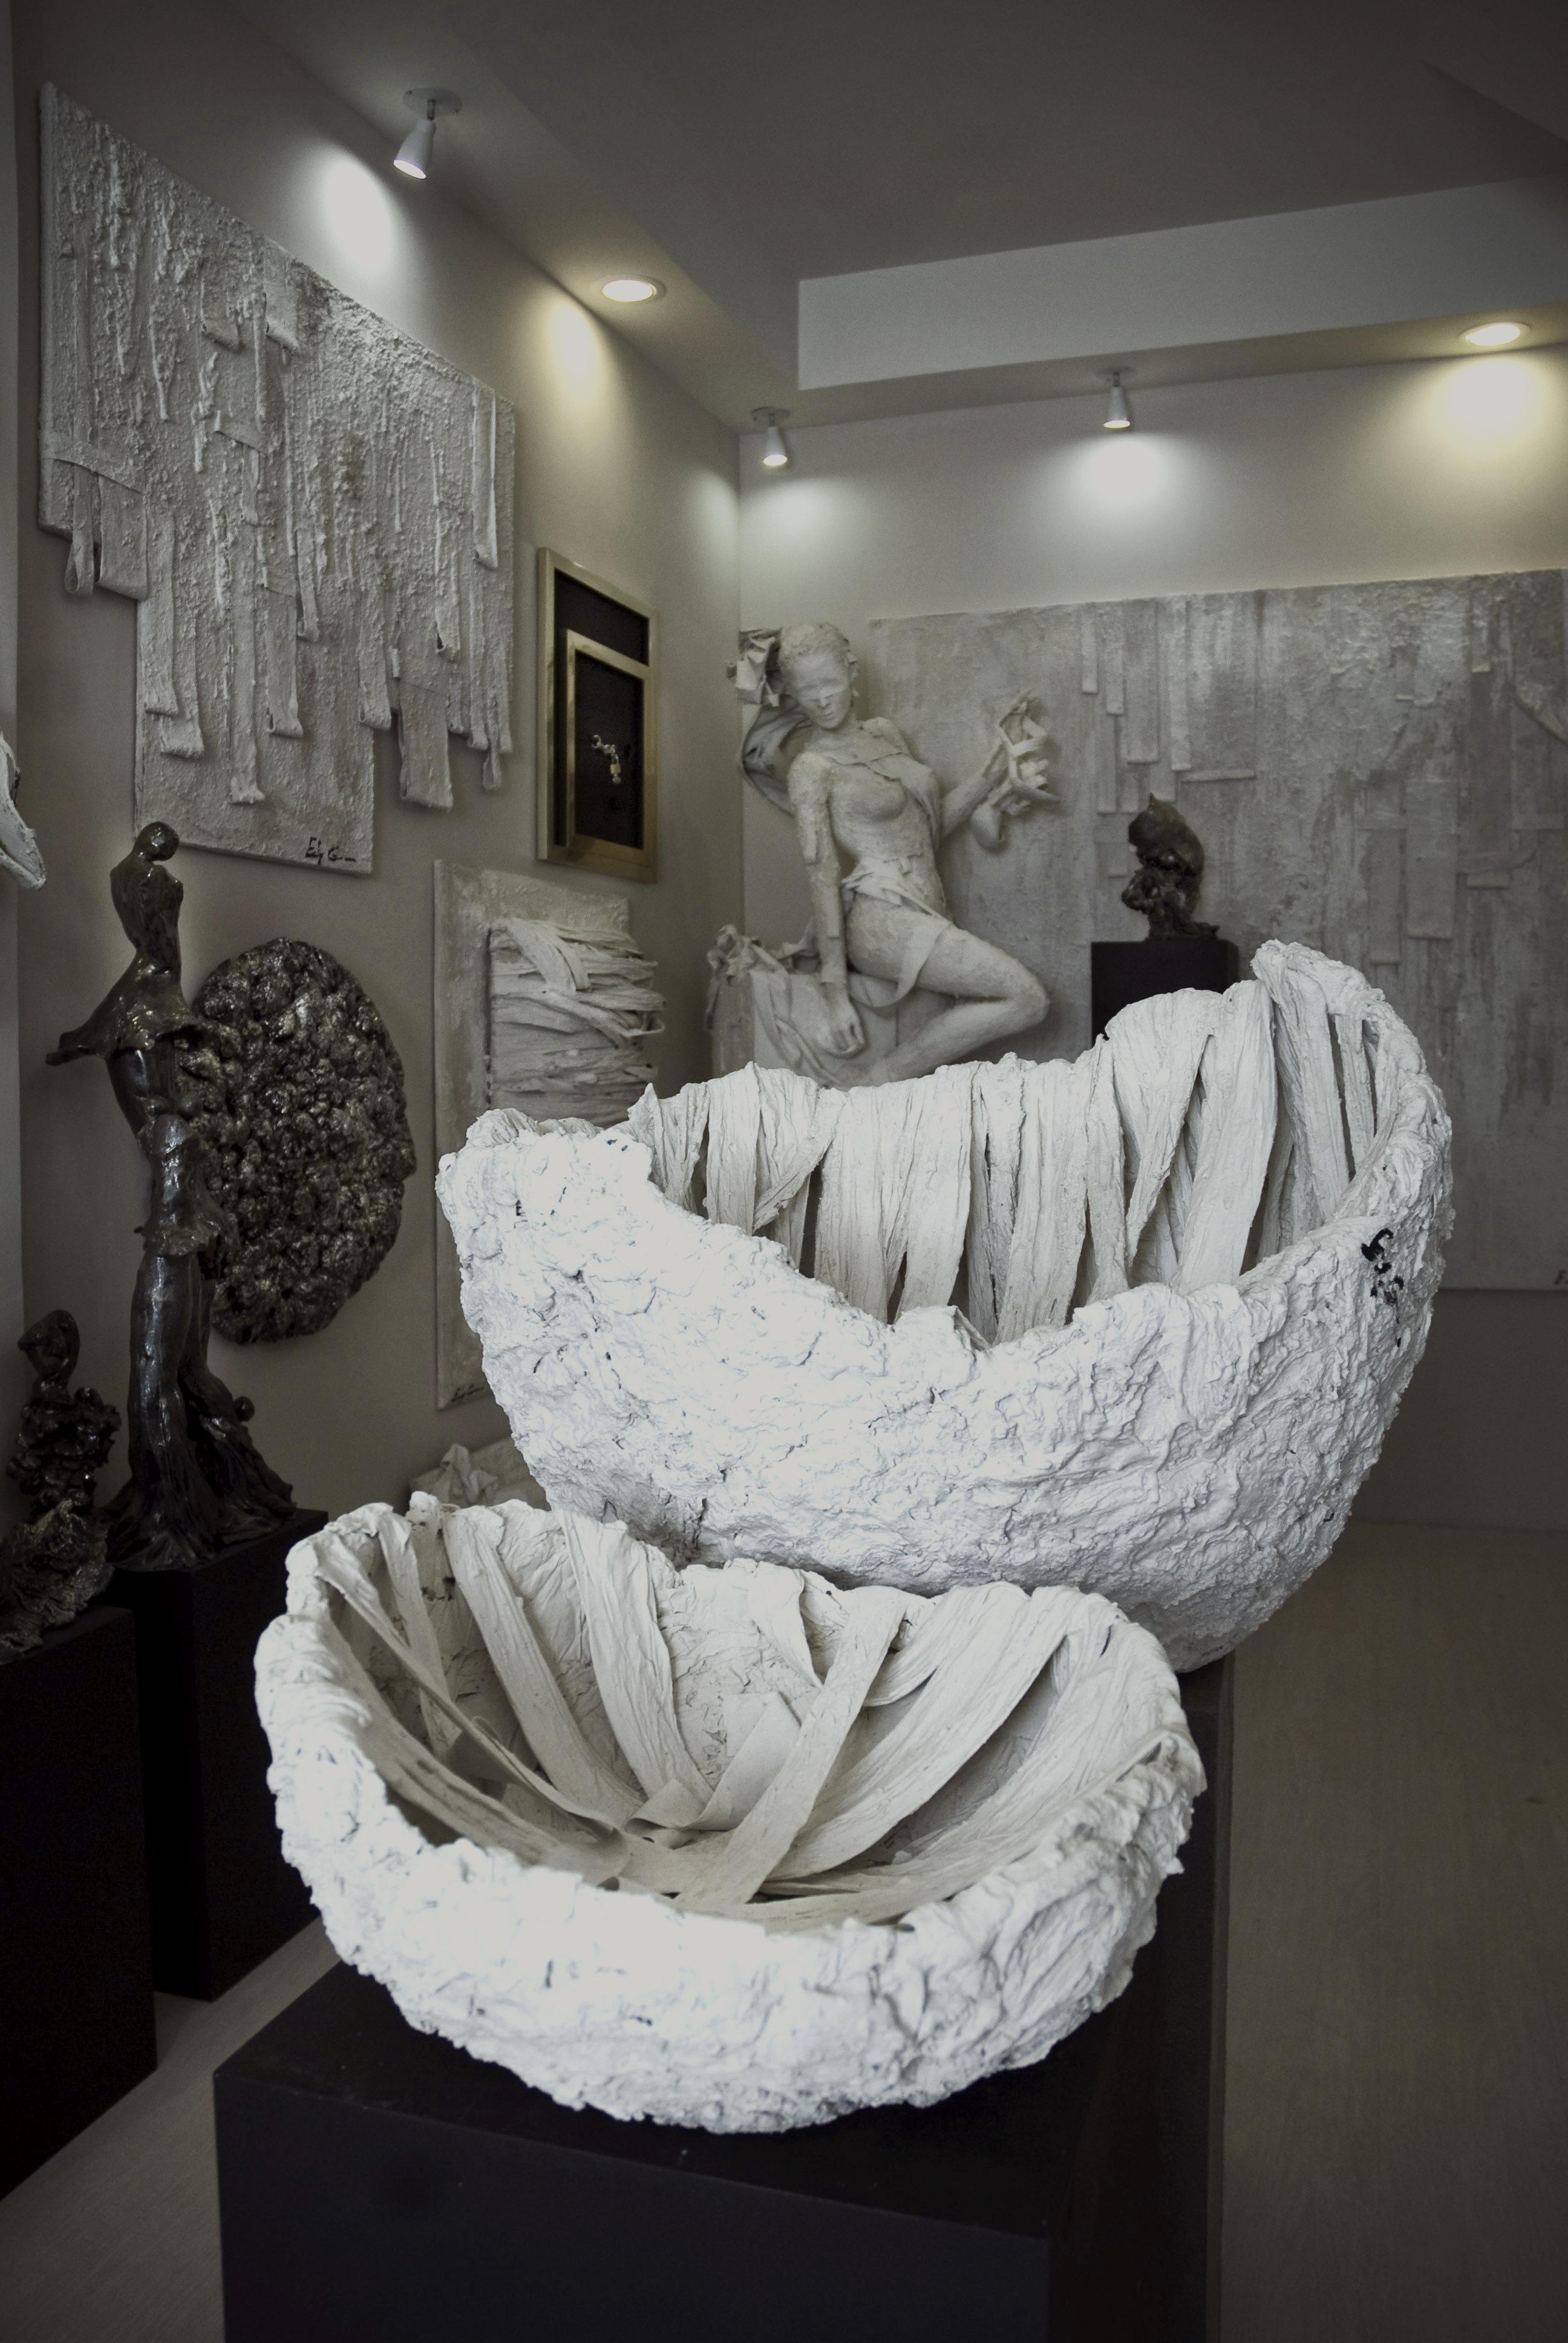 studio d'arte atelier Edy Gree Taormina opere d'arte in cemento acciaio ceramica ferro tela legno